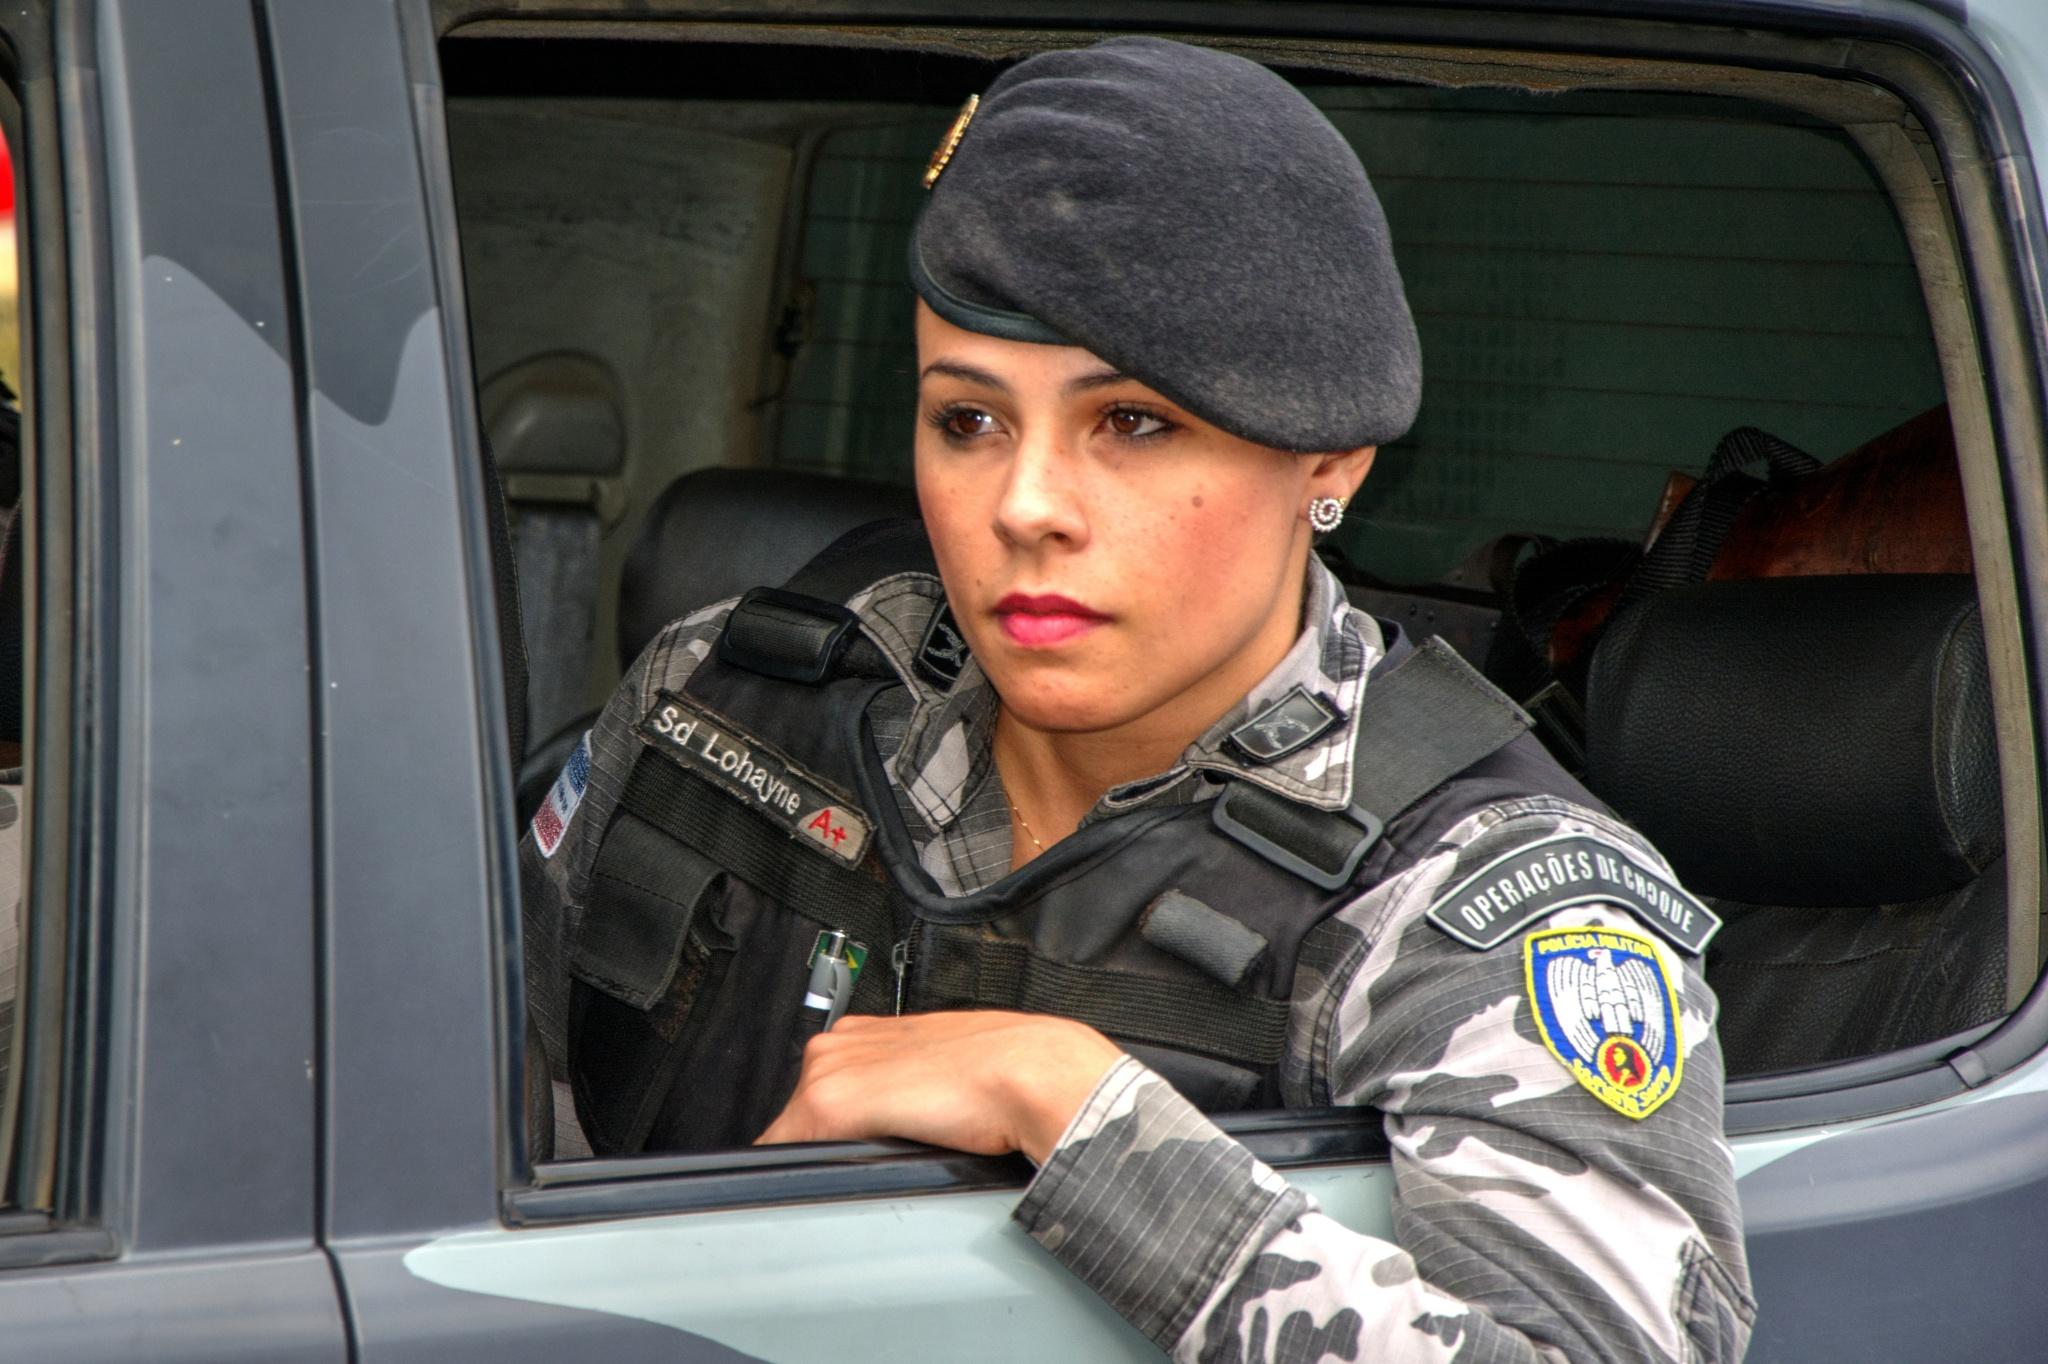 Polícia Militar do Espírito Santo by Alexandre Ricardo